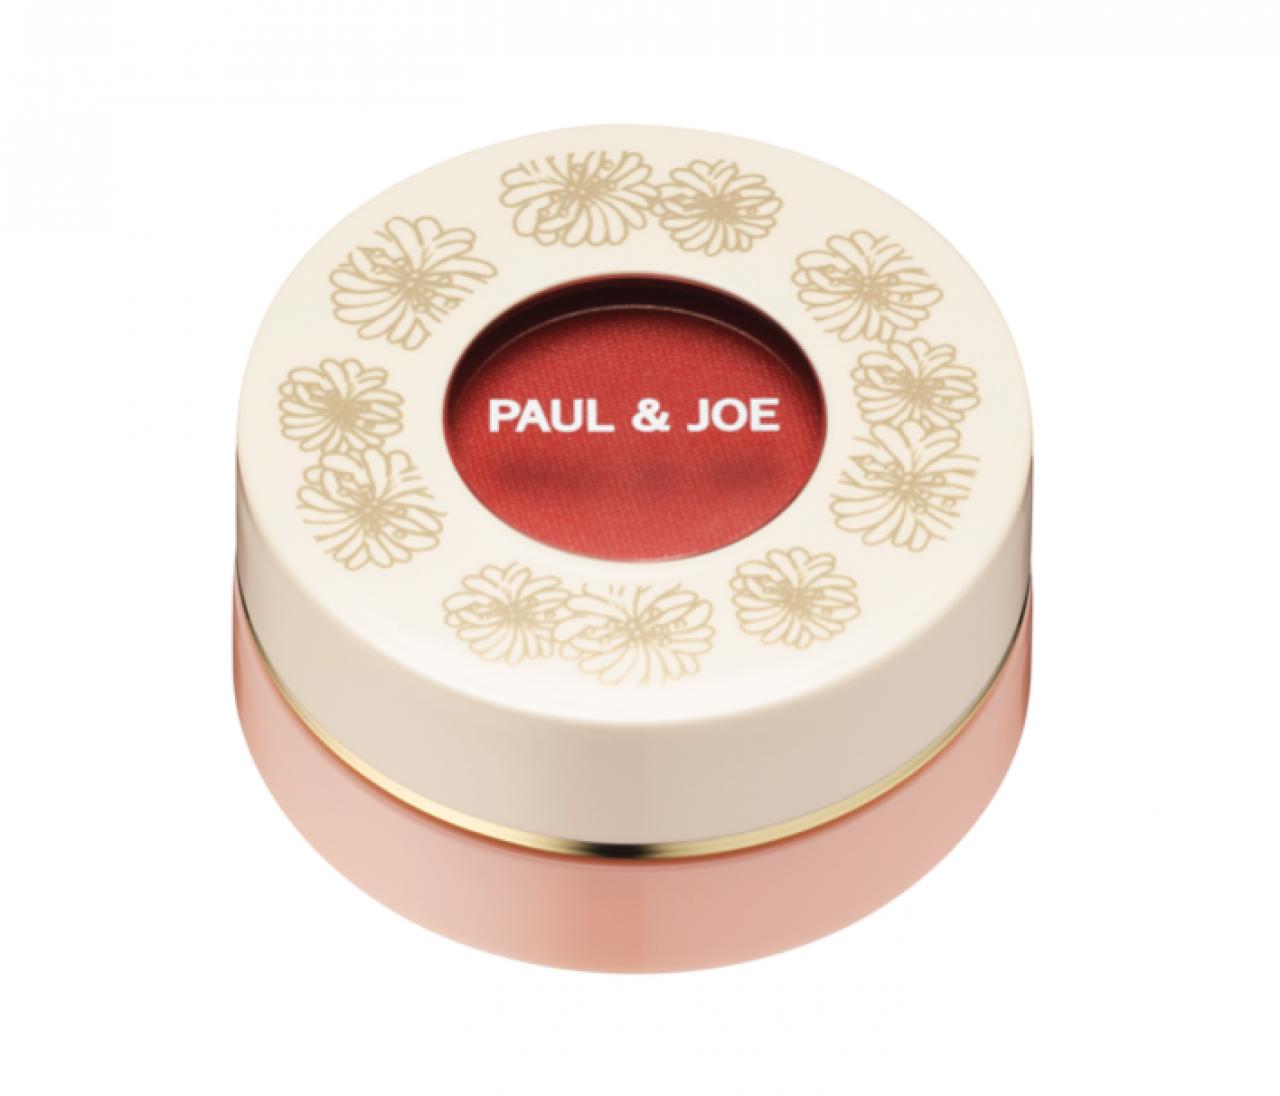 ポール & ジョー ボーテのジェル ブラッシュを3名様にプレゼント!【@BAILAプラス会員限定プレゼント】